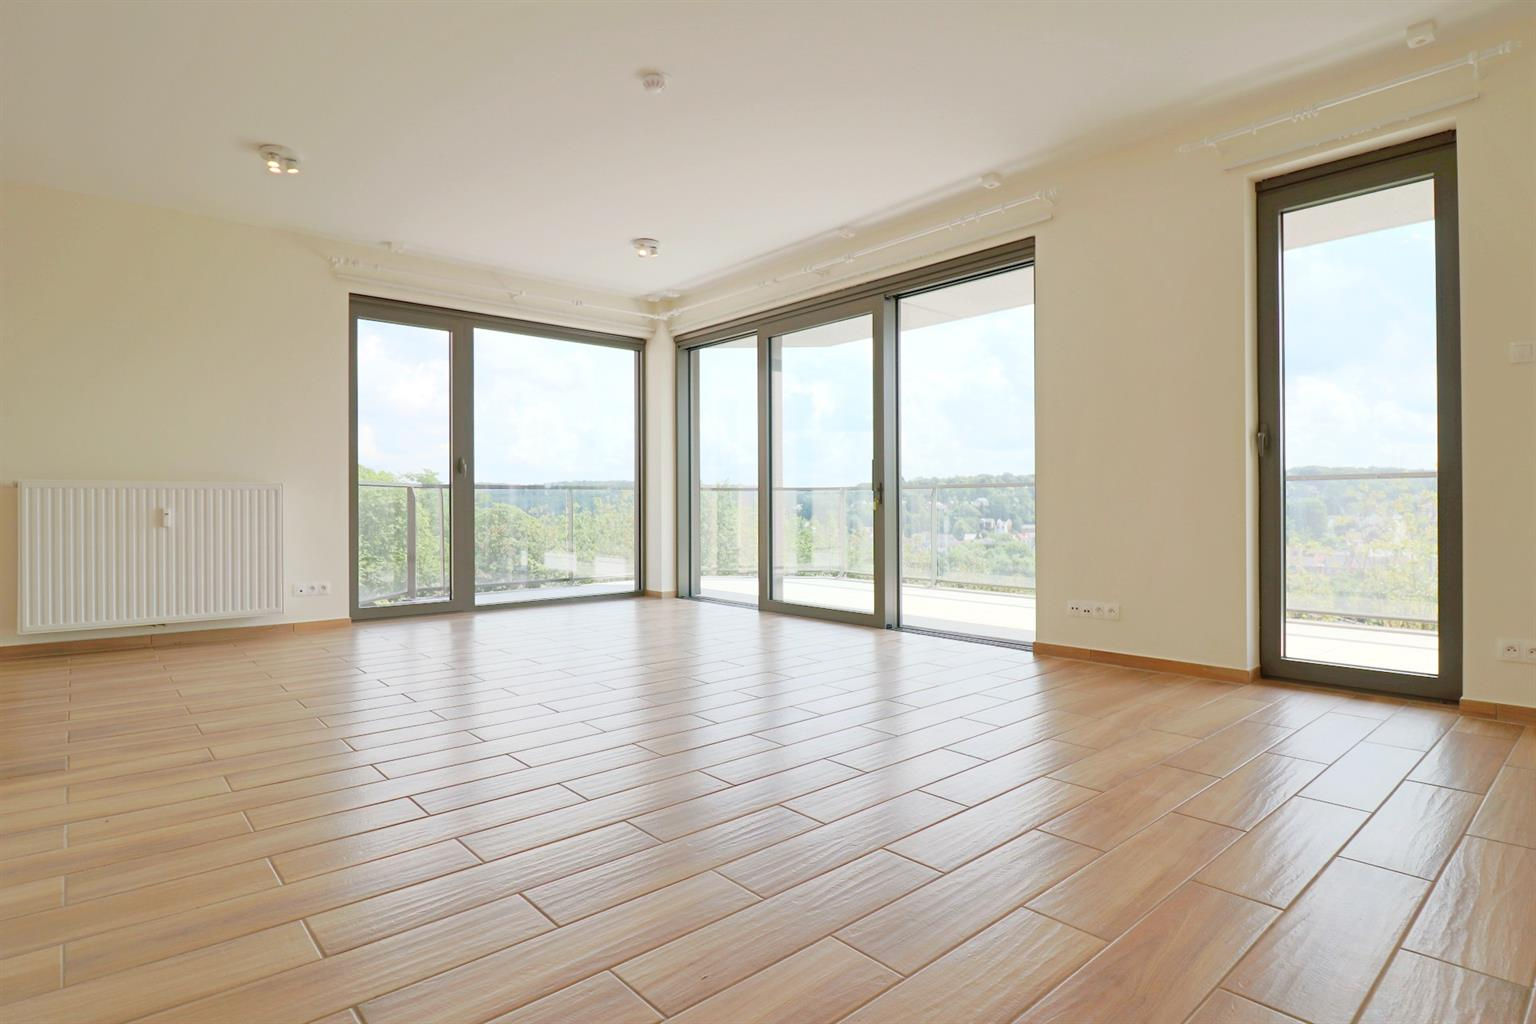 Appartement - Ottignies-Louvain-la-Neuve - #4406875-1